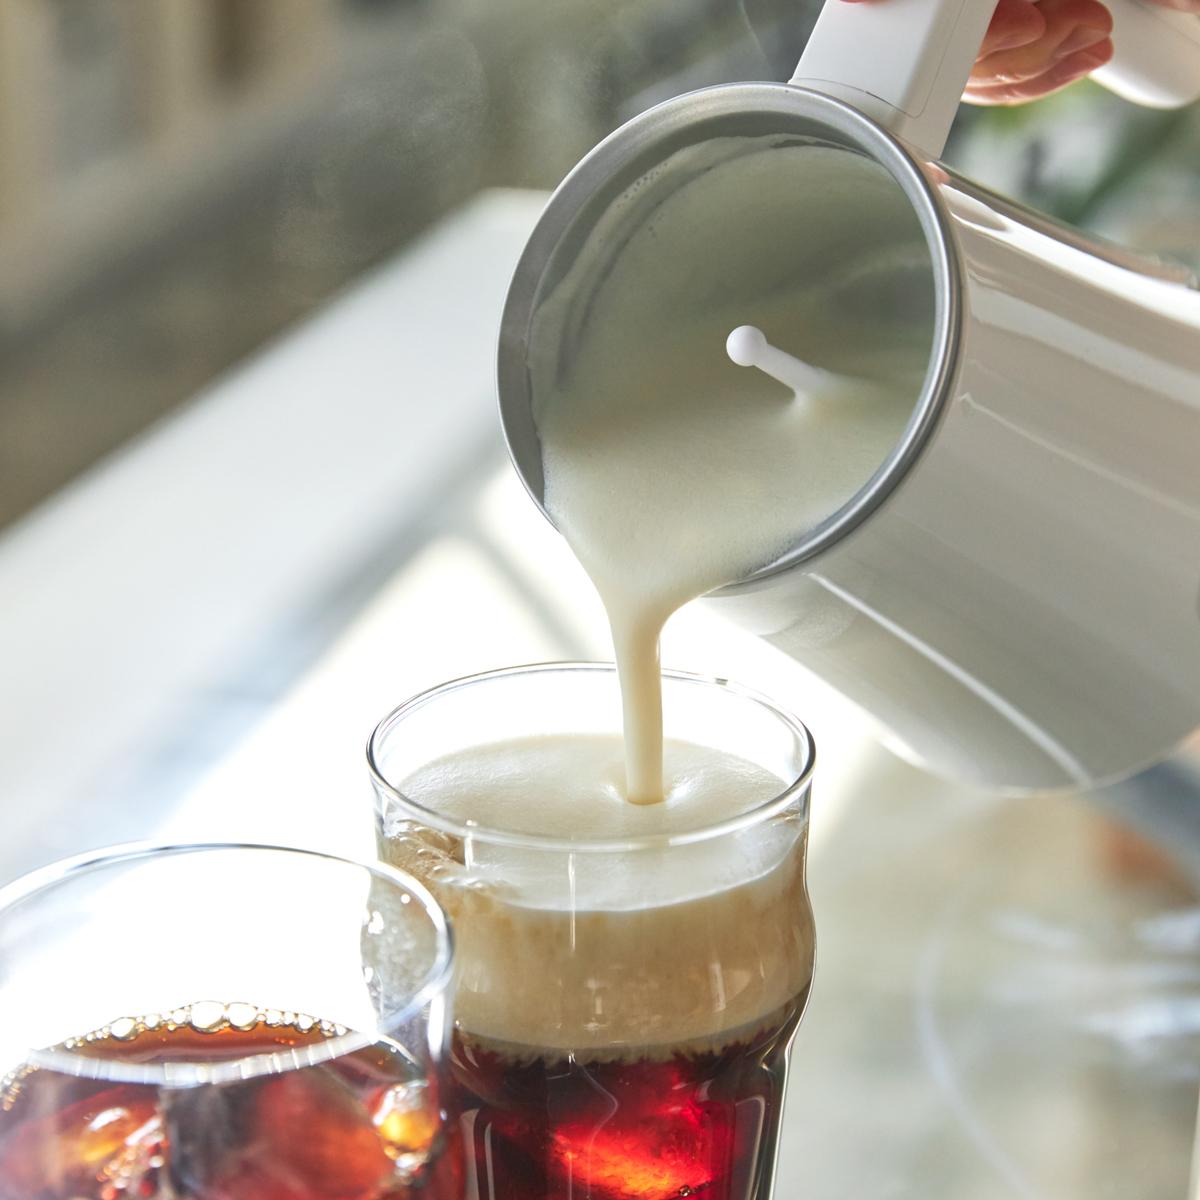 """「泡」に感動!自宅で""""とろけるカプチーノ時間""""   ふんわりクリーミーなフォームミルクに思わずため息"""